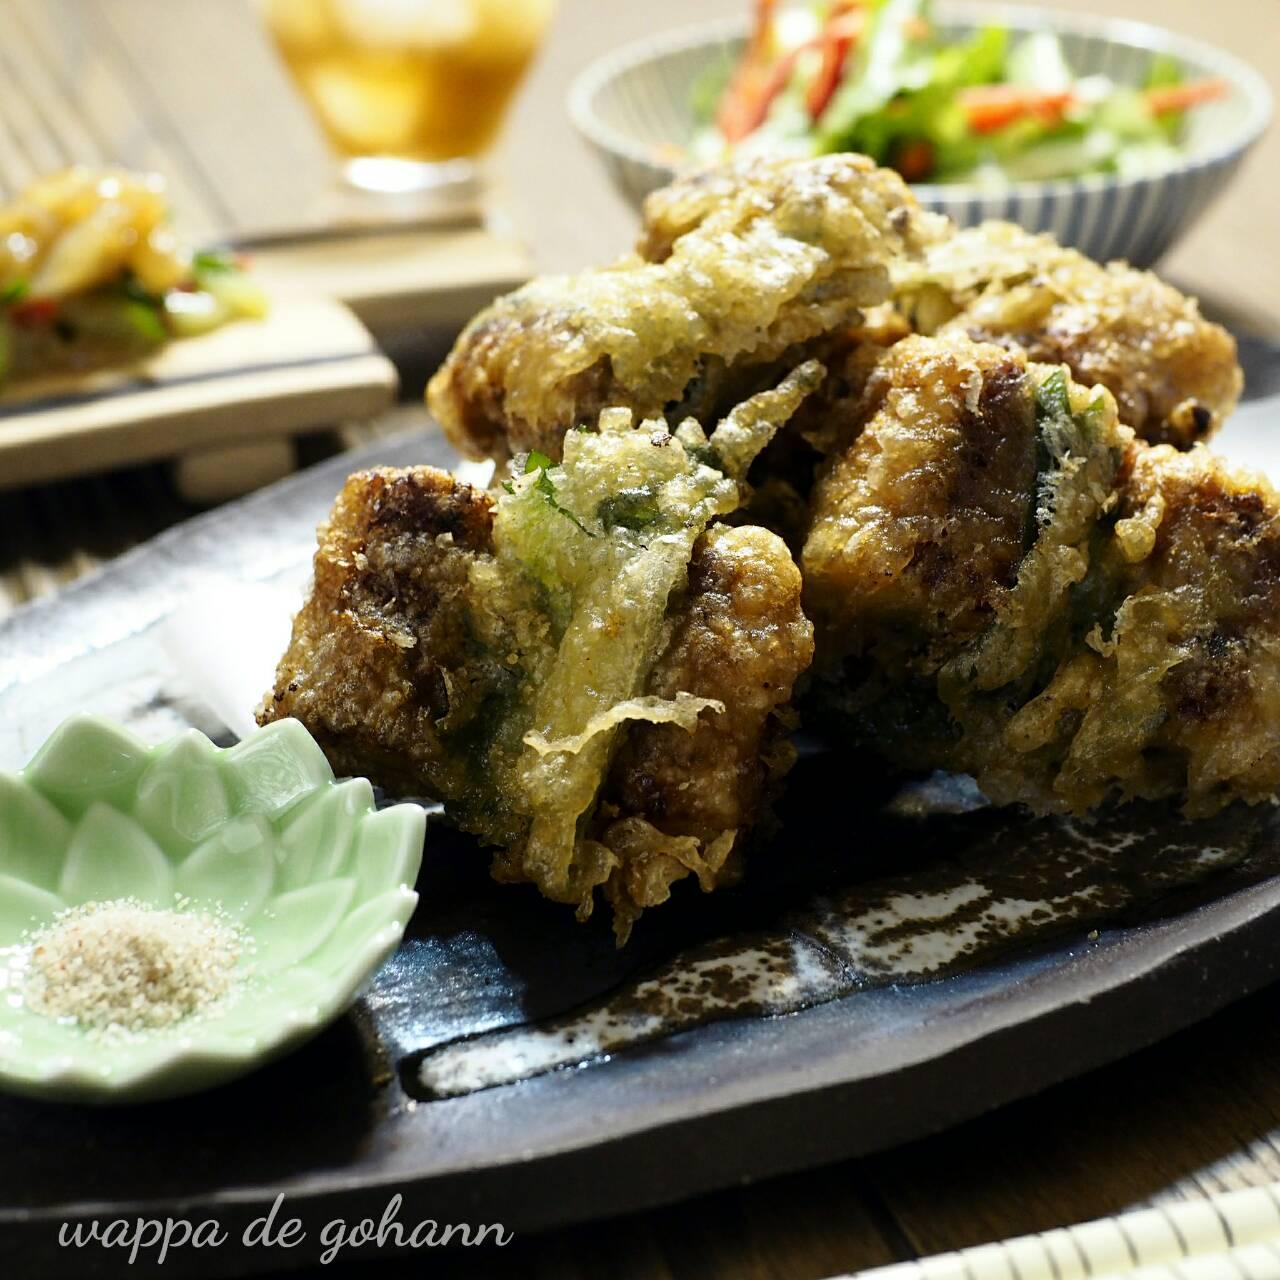 鰻の天ぷらの晩ごはん